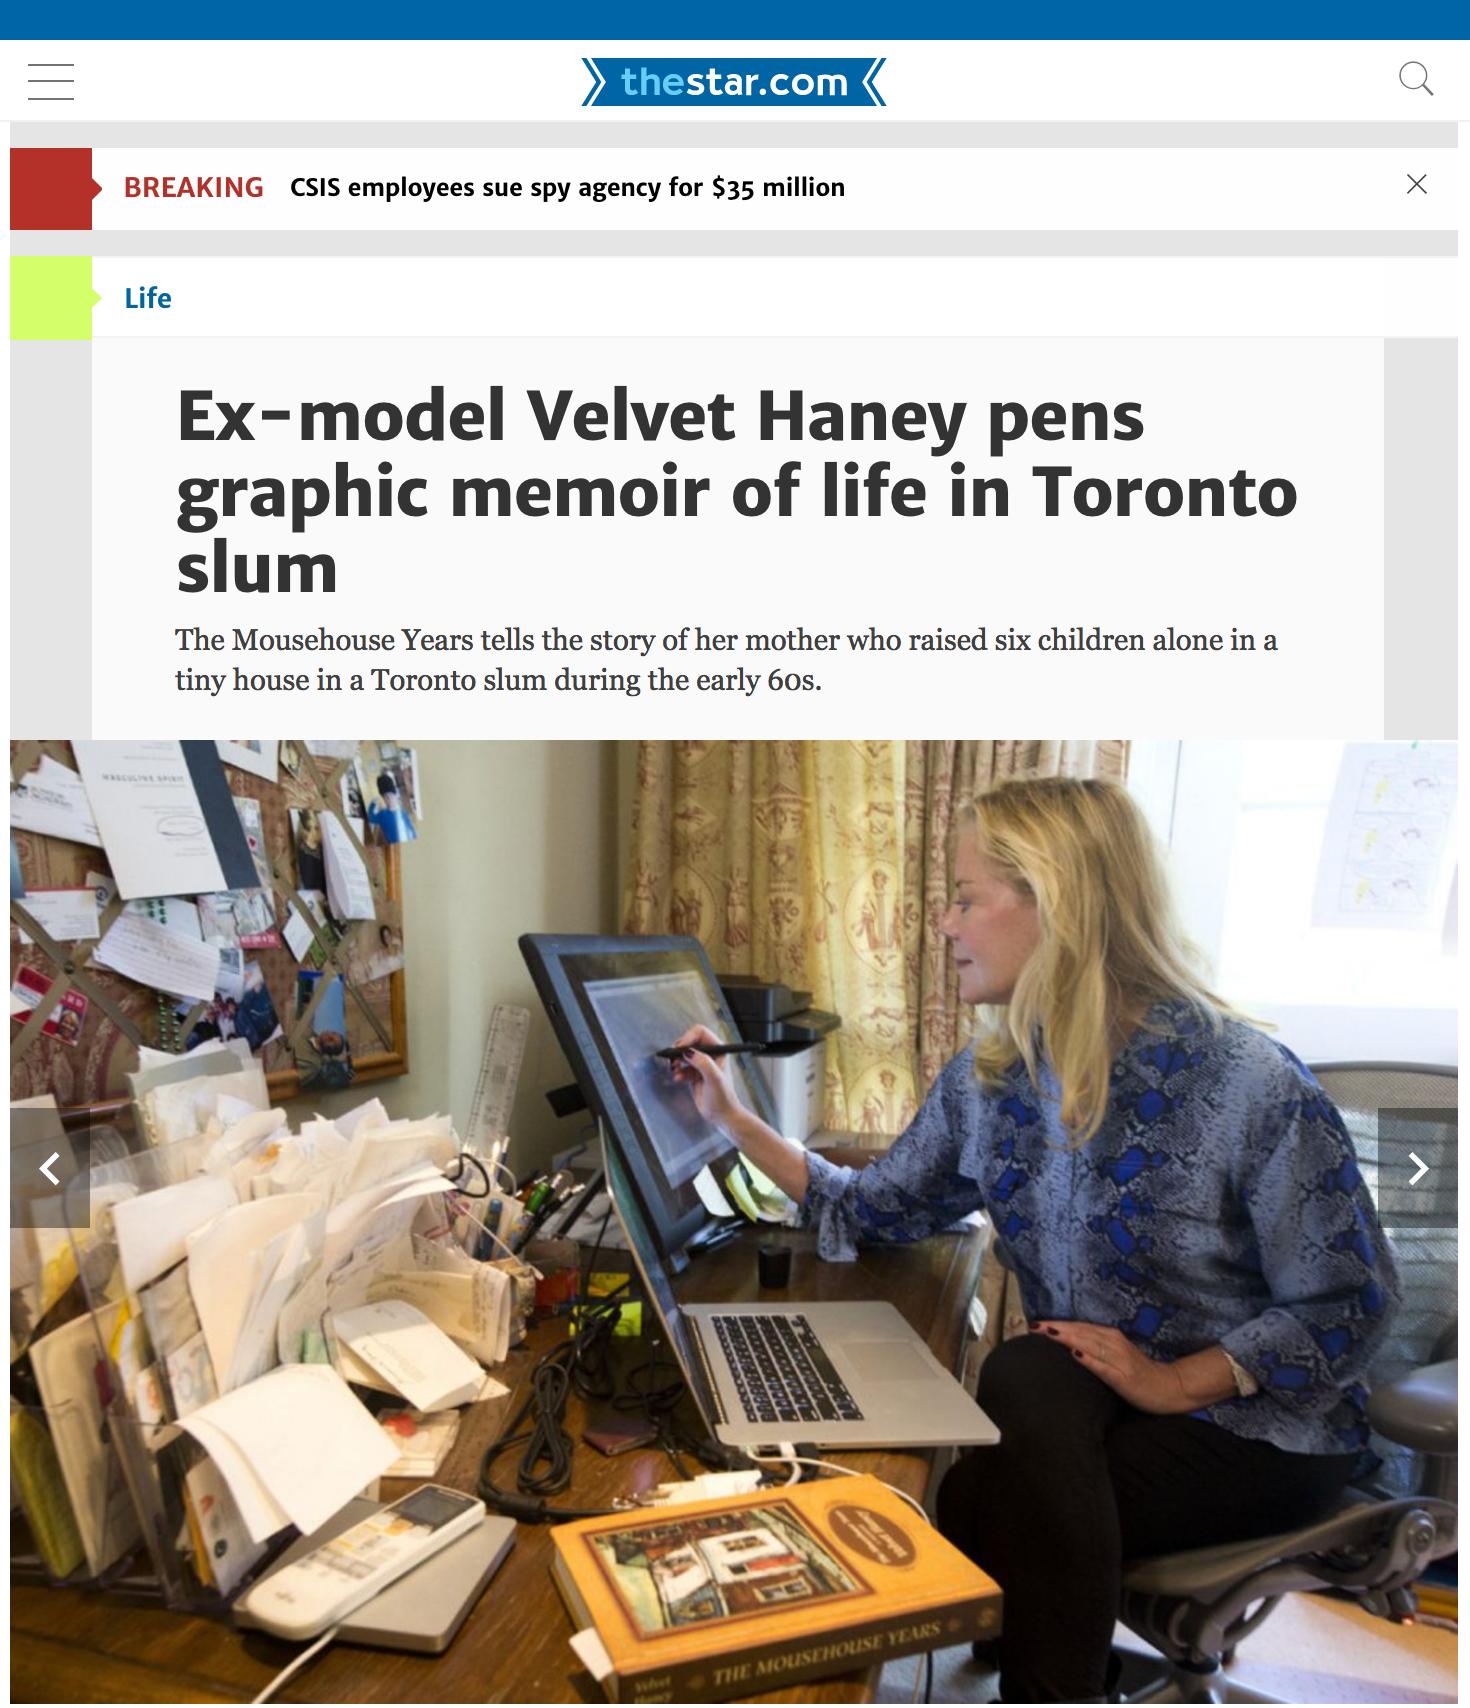 Velvet Haney featured in The Star